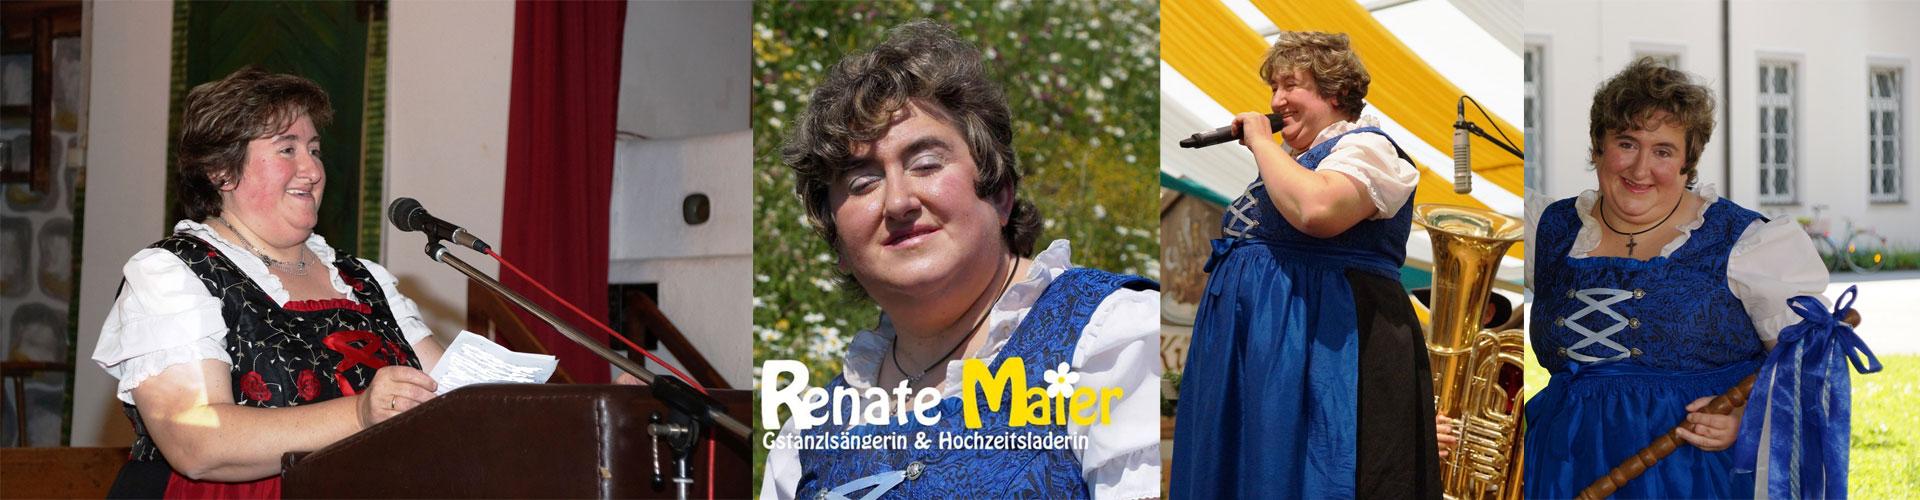 RenateMaier